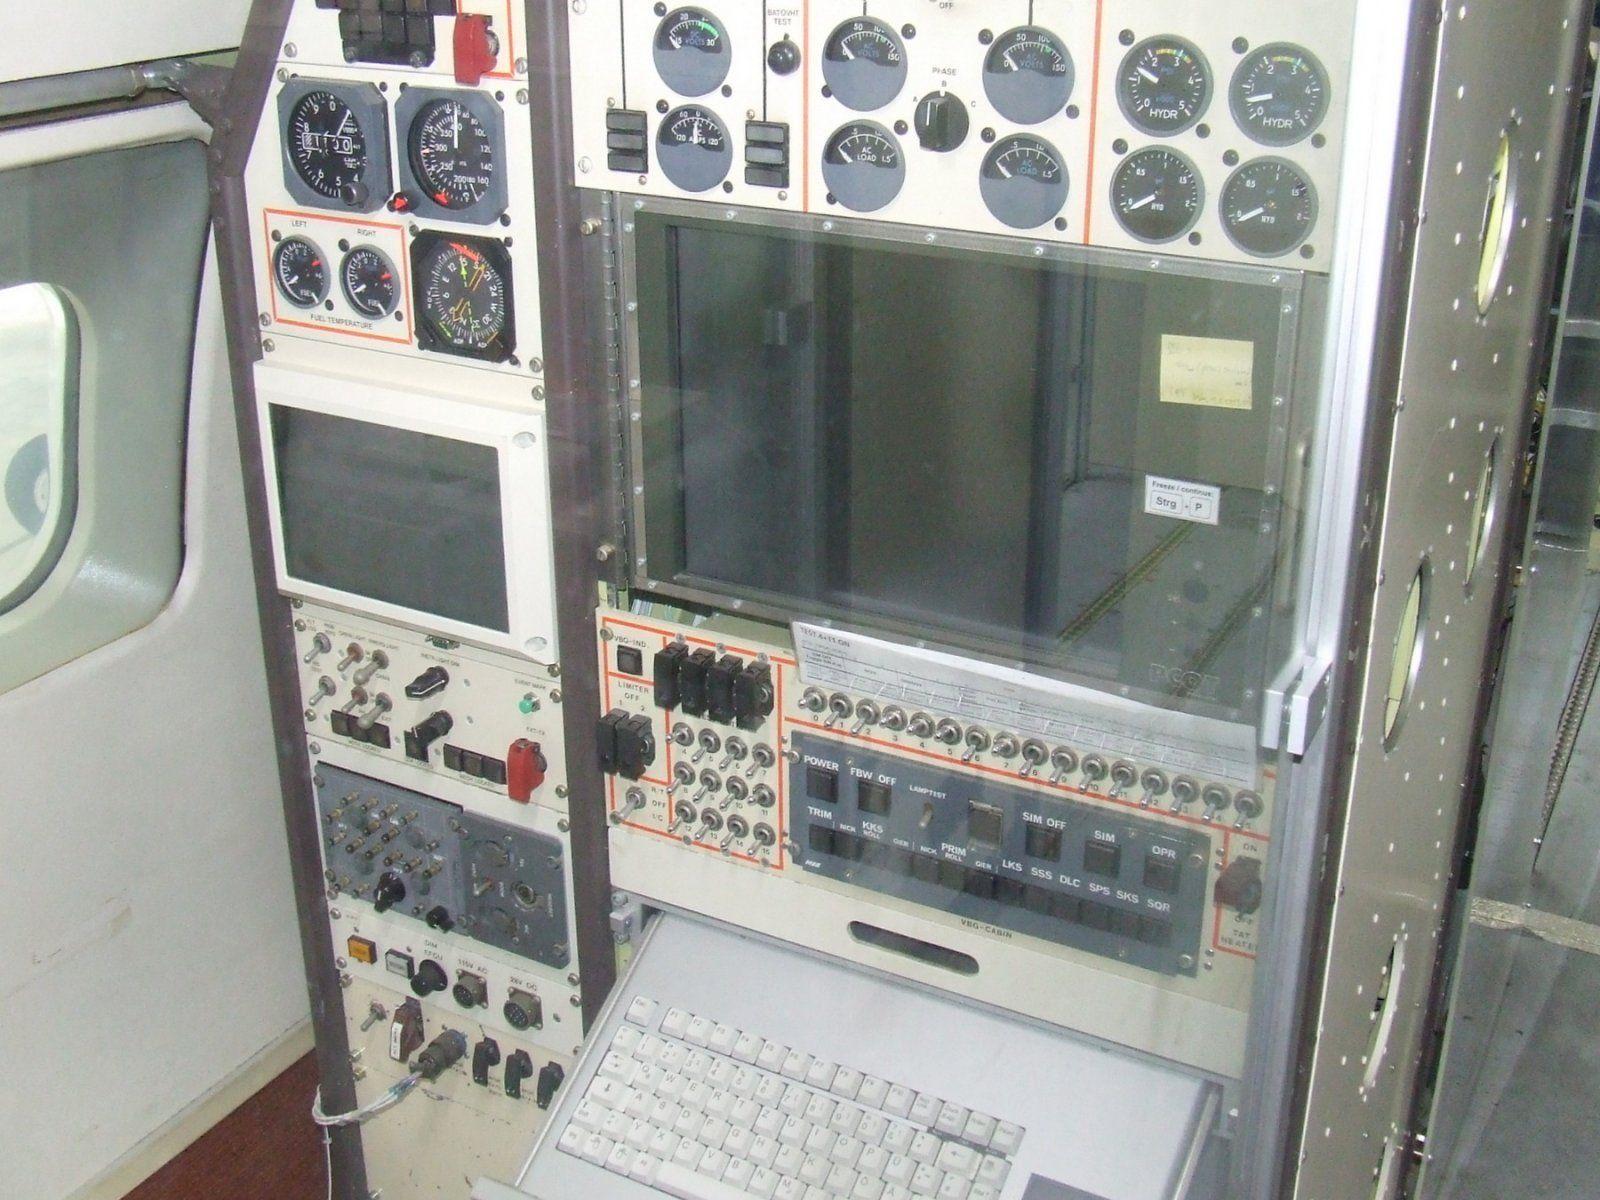 DSCF8739.JPG